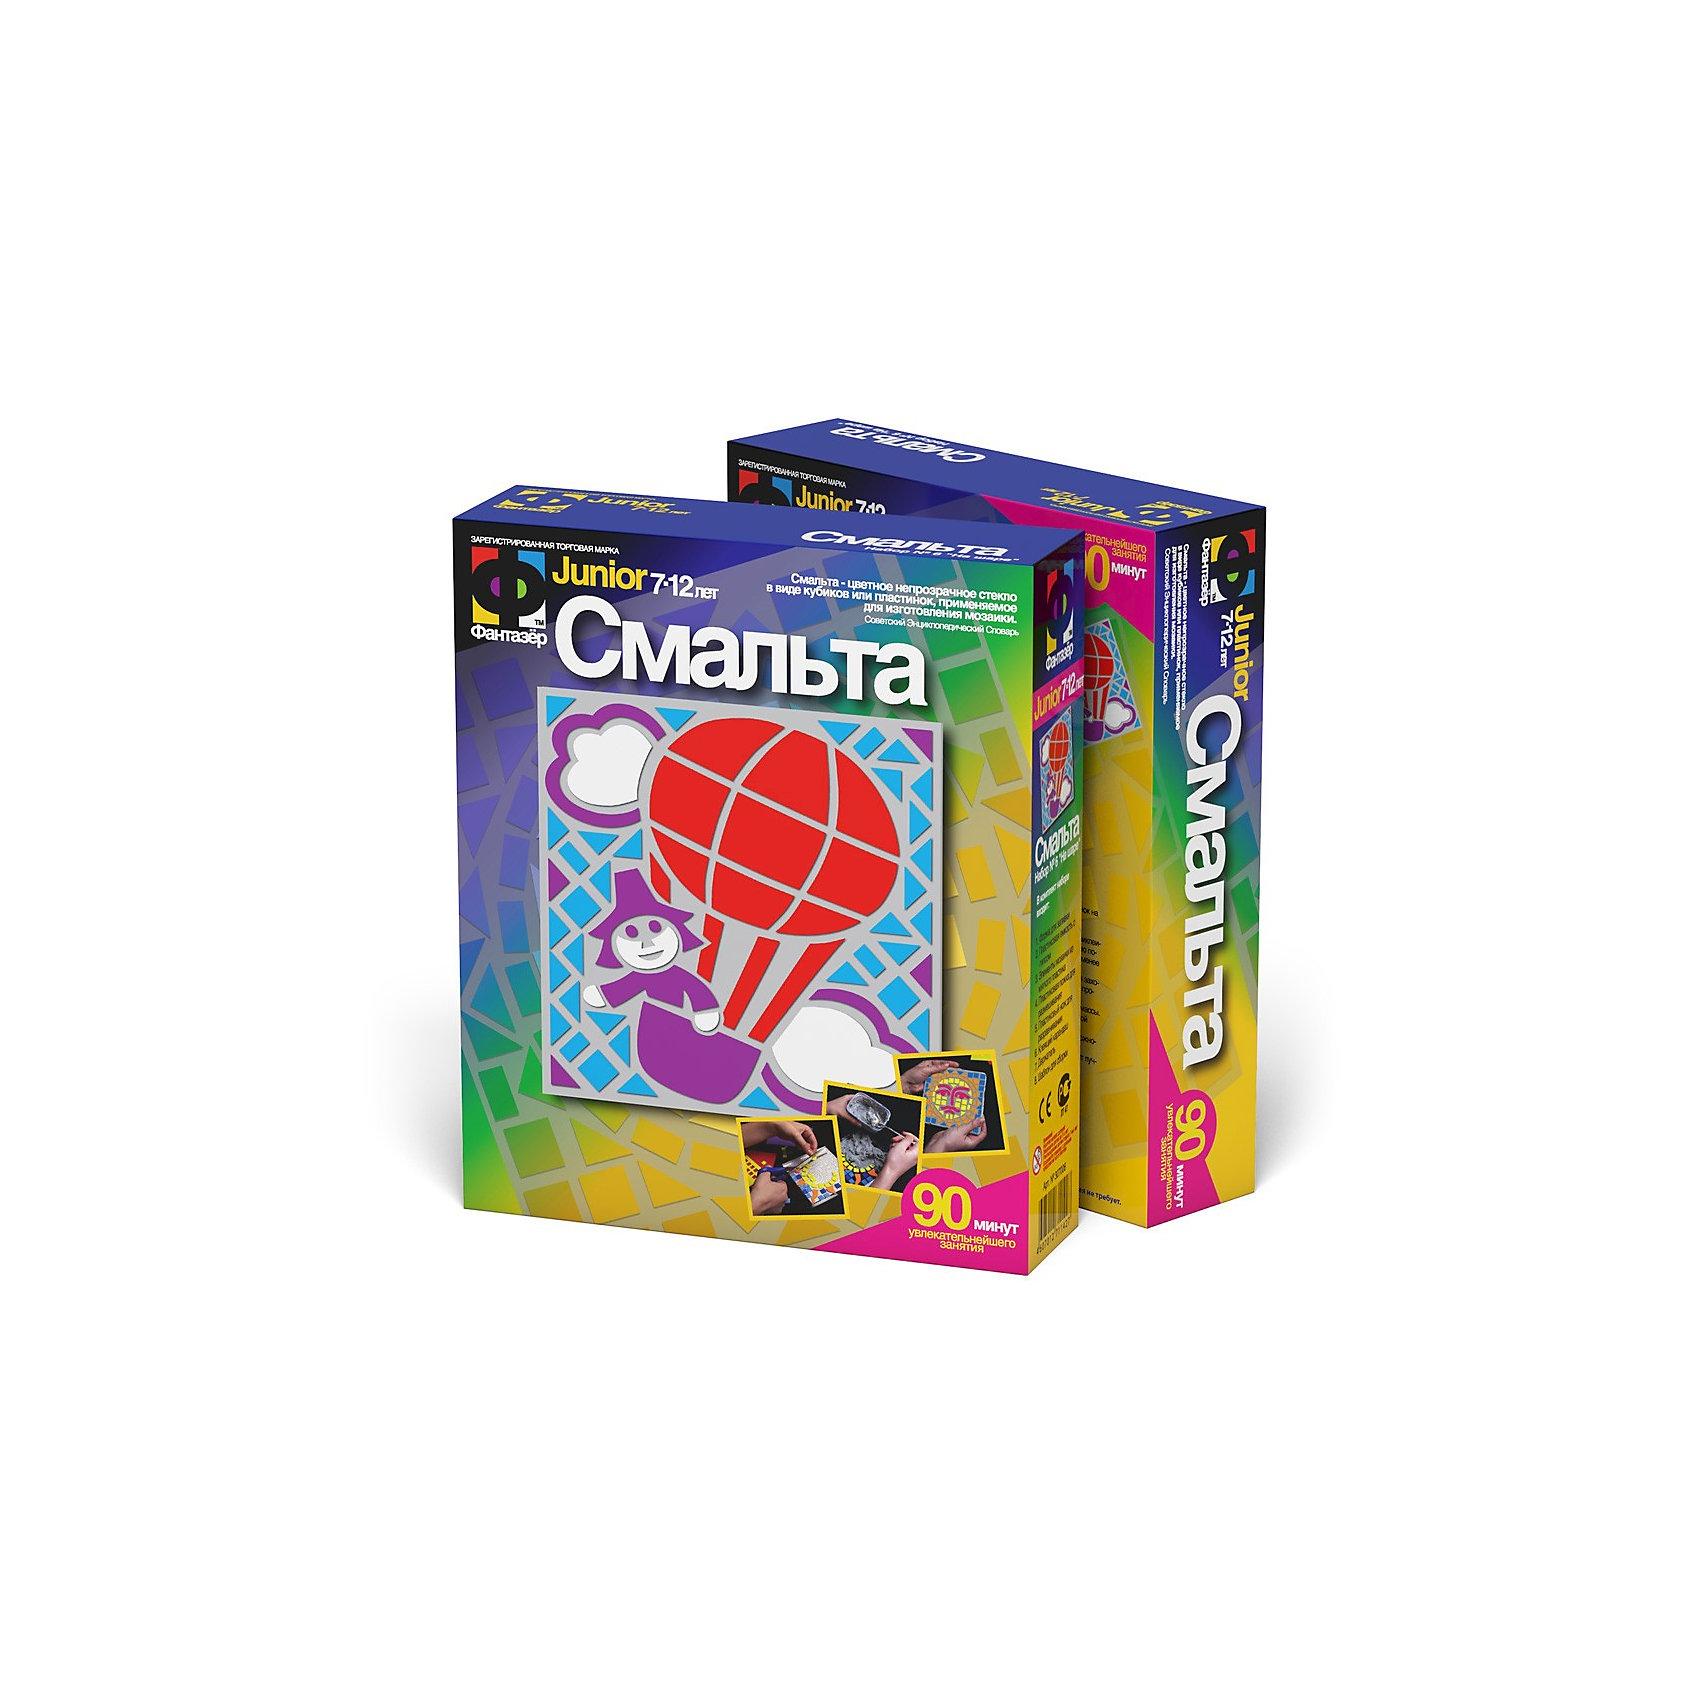 На шаре. Смальта. ФантазерНа шаре. Смальта. Фантазер <br>Смальта - цветное непрозрачное стекло в виде кубиков или пластинок, применяемое для изготовления мозайки. При помощи специальных форм, гипса и особых мозаичных элементов, выполненных из так называемого мягкого пластика, Вы сможете легко создать вместе со своим ребенком шедевр, который будете с гордостью показывать друзьям! В набор входит: гипс, формочка, формы из мягкого полимера<br><br>Ширина мм: 50<br>Глубина мм: 185<br>Высота мм: 220<br>Вес г: 400<br>Возраст от месяцев: 60<br>Возраст до месяцев: 96<br>Пол: Унисекс<br>Возраст: Детский<br>SKU: 3332432